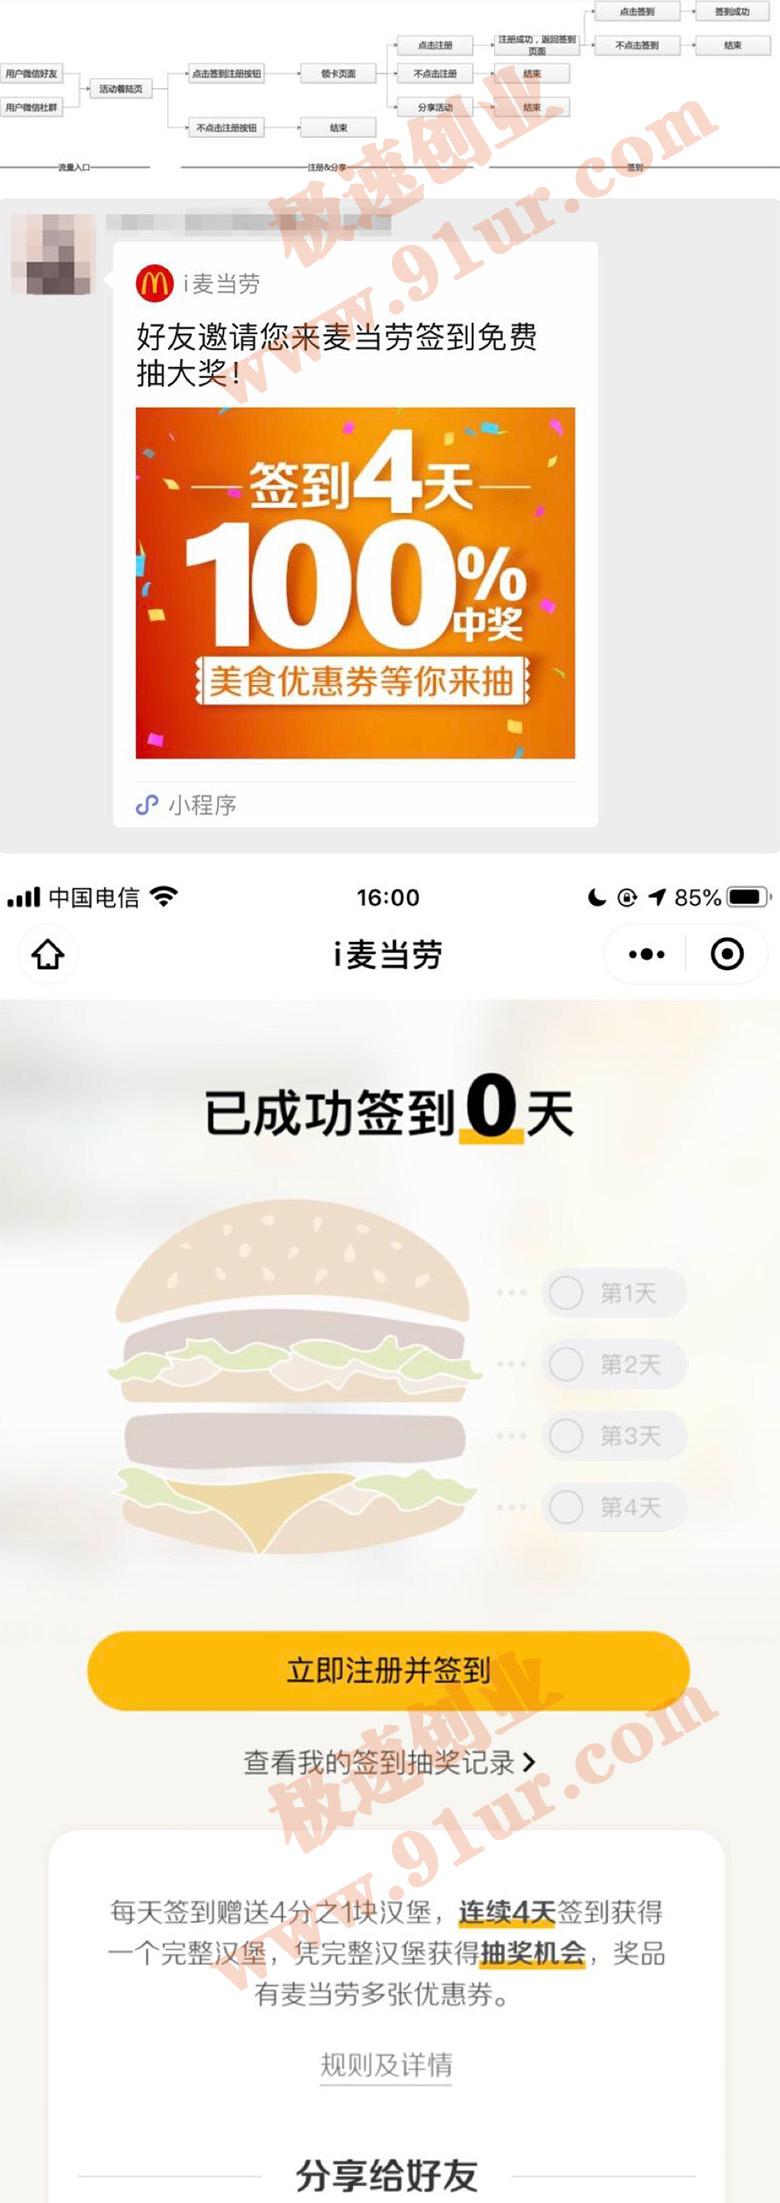 麦当劳小程序签到营销案例1